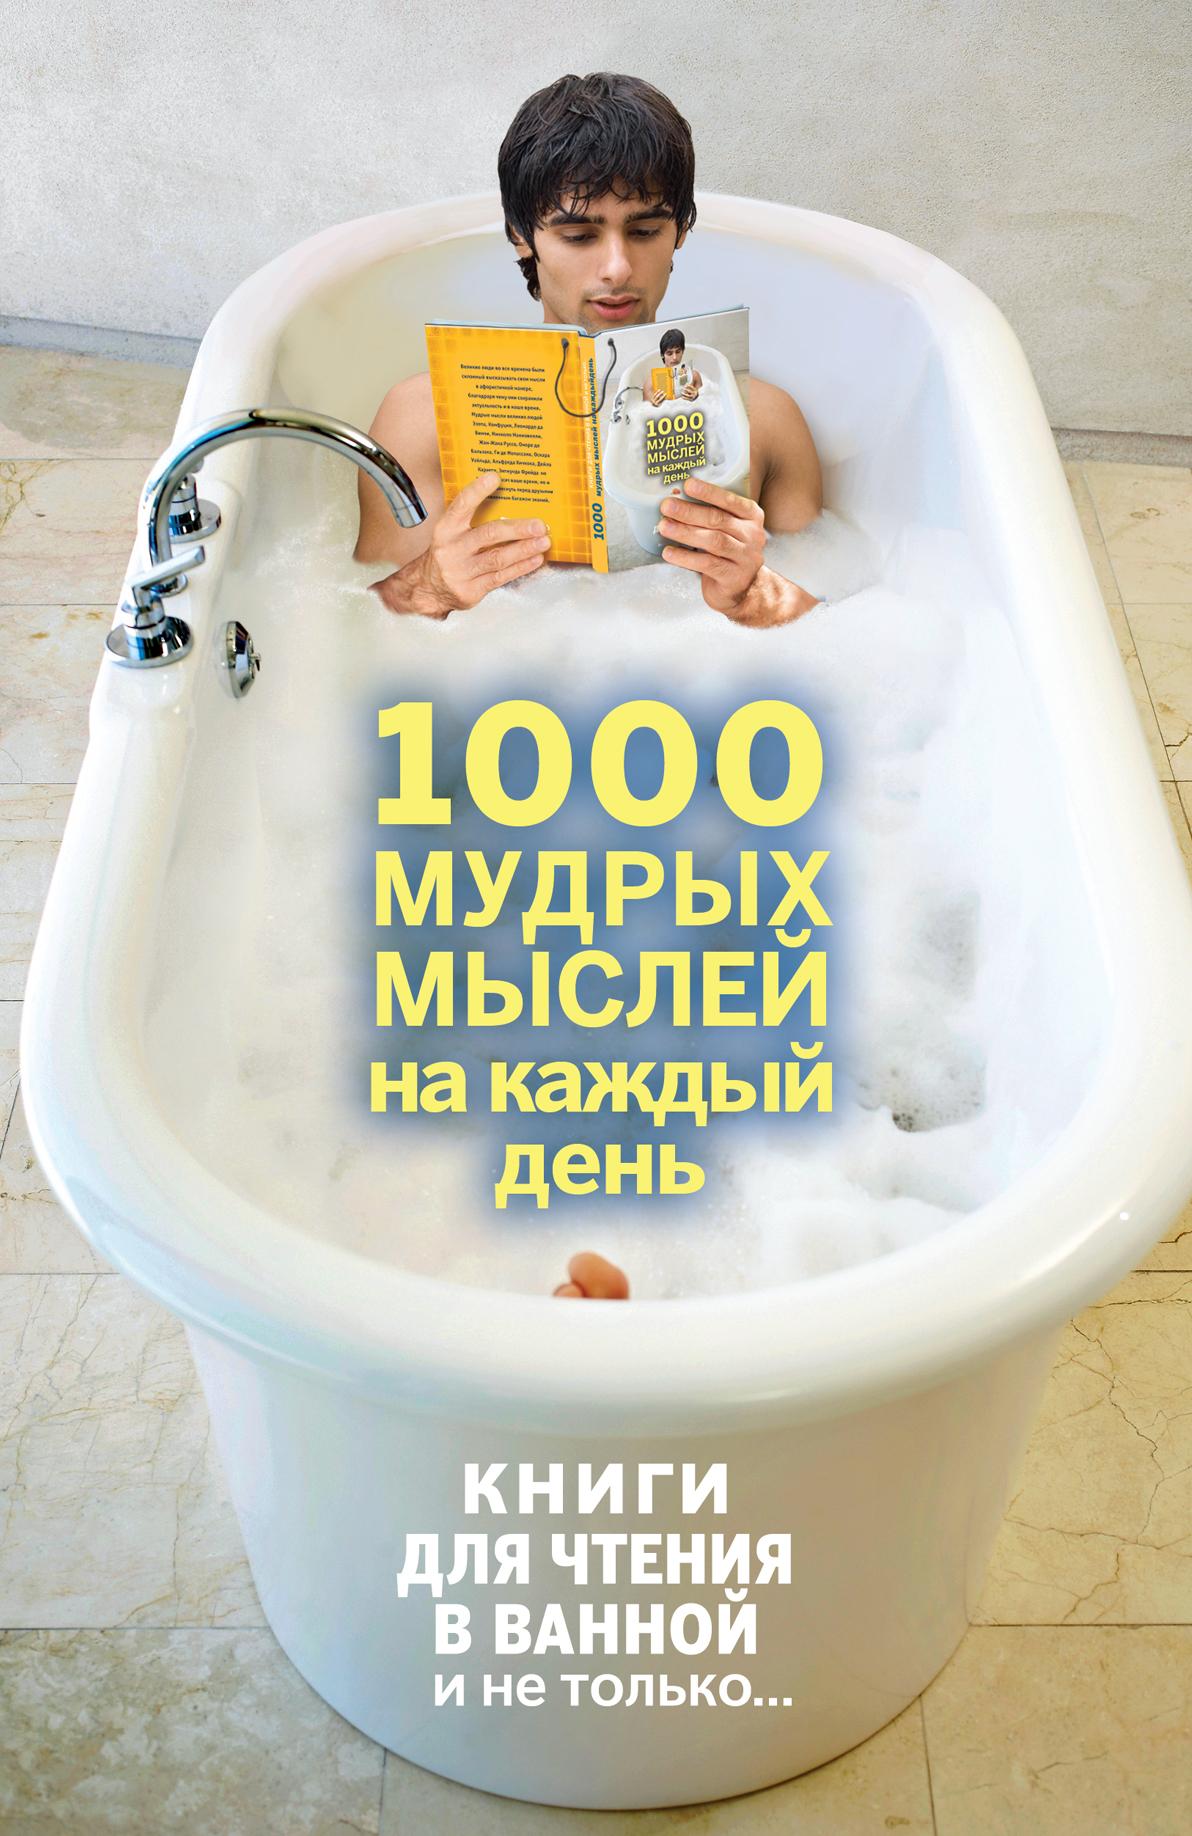 Колесник А.А. 1000 мудрых мыслей на каждый день